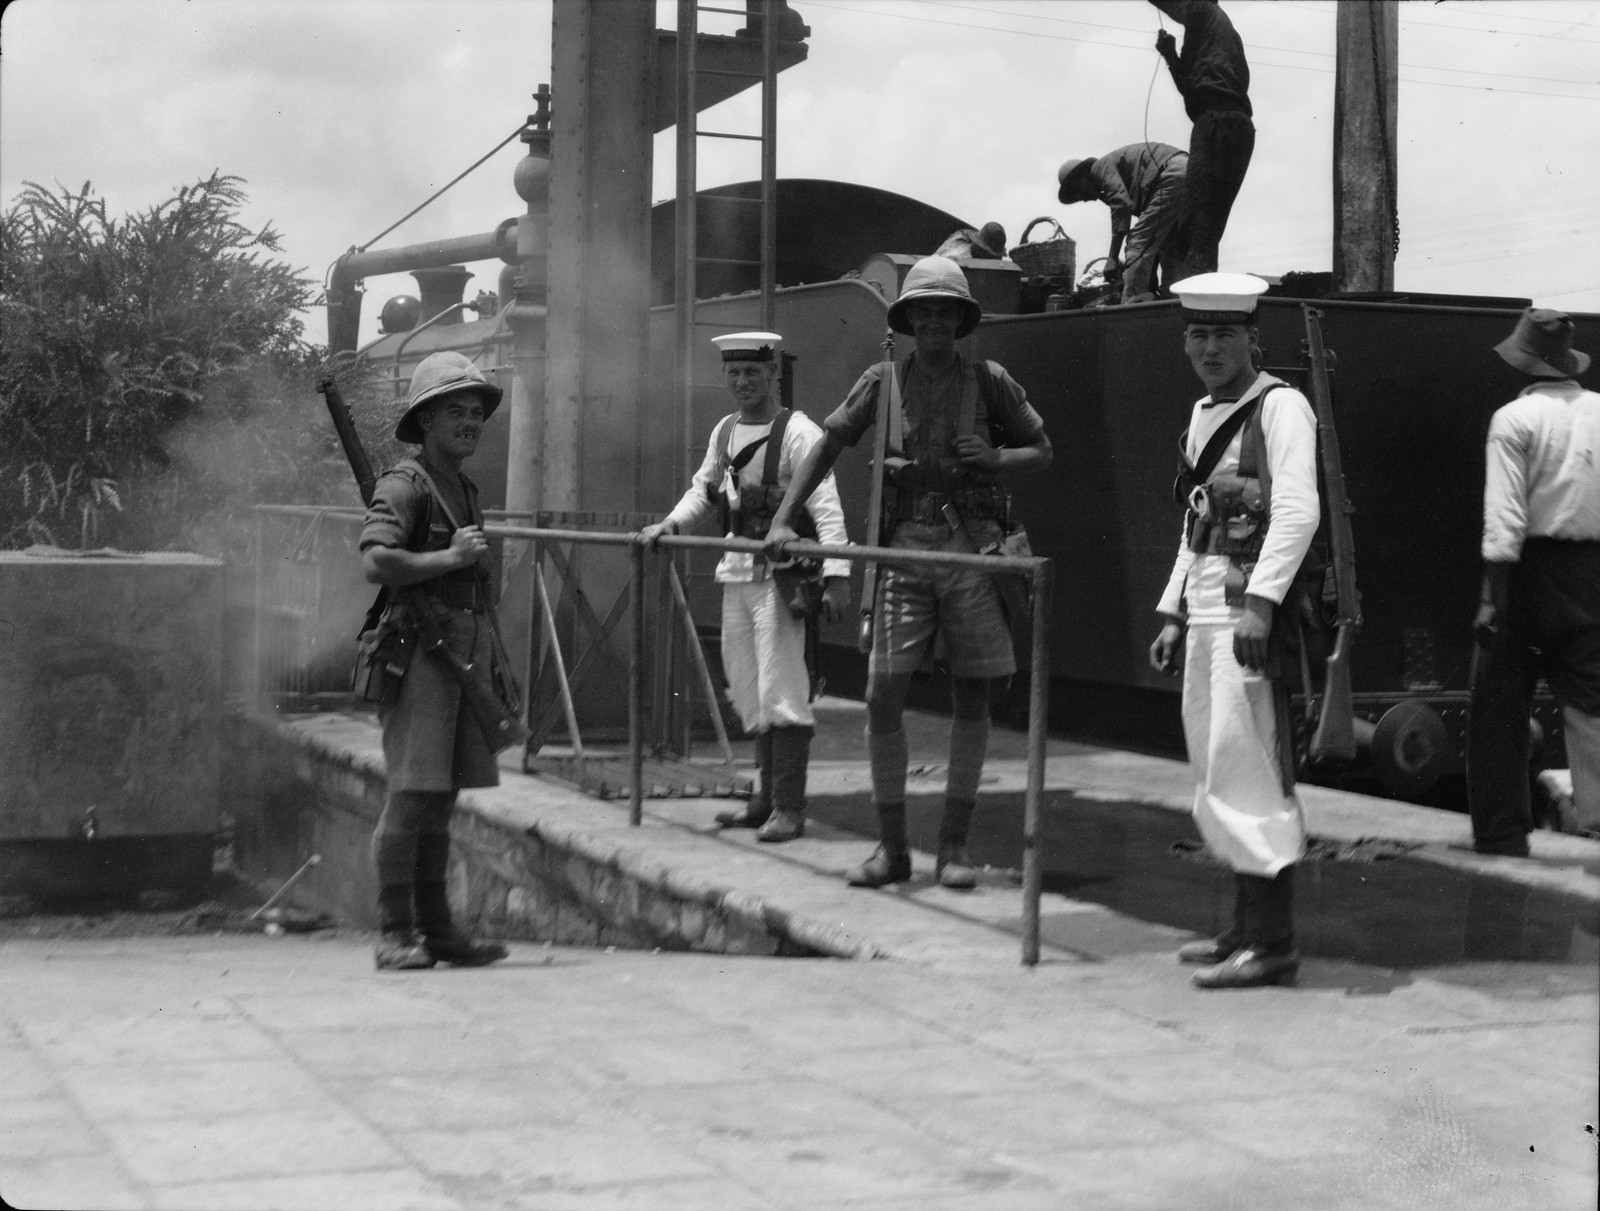 Британские морские пехотинцы выполняют свои обязанности на палестинских железных дорогах